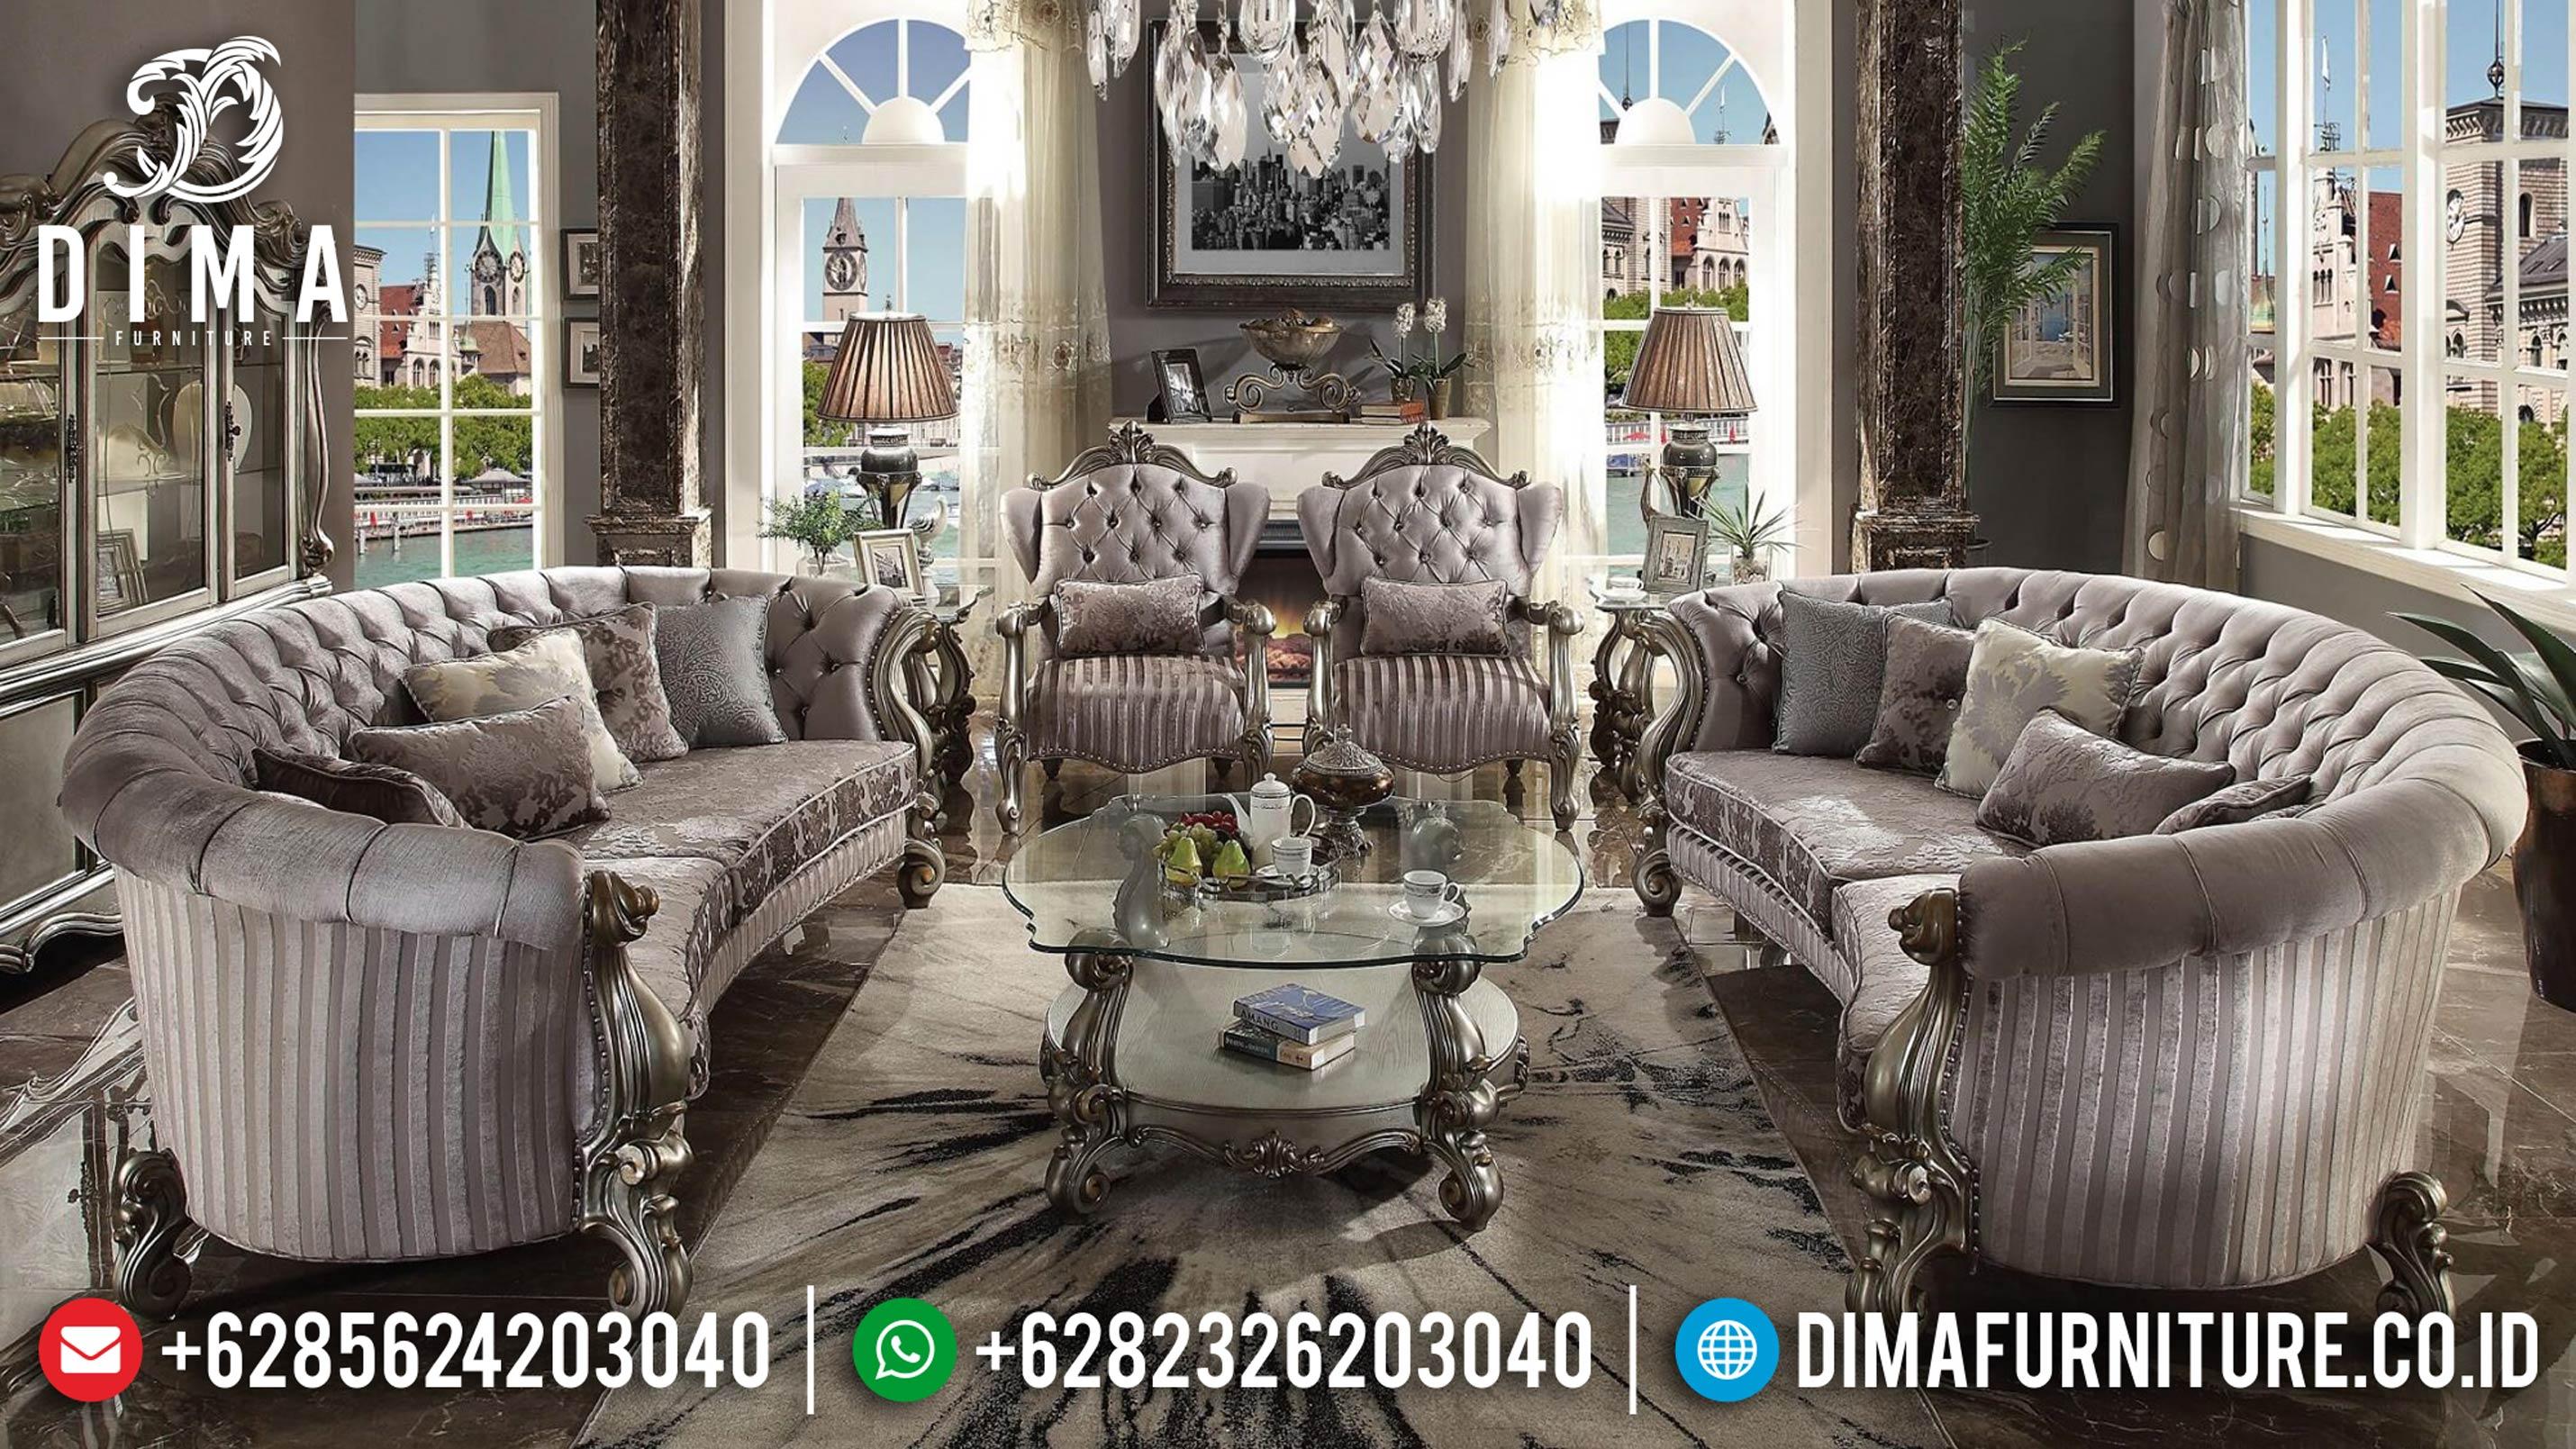 Jual Sofa Ruang Tamu, Sofa Tamu Mewah, Kursi Sofa Tamu Jepara 2019 ST-0619